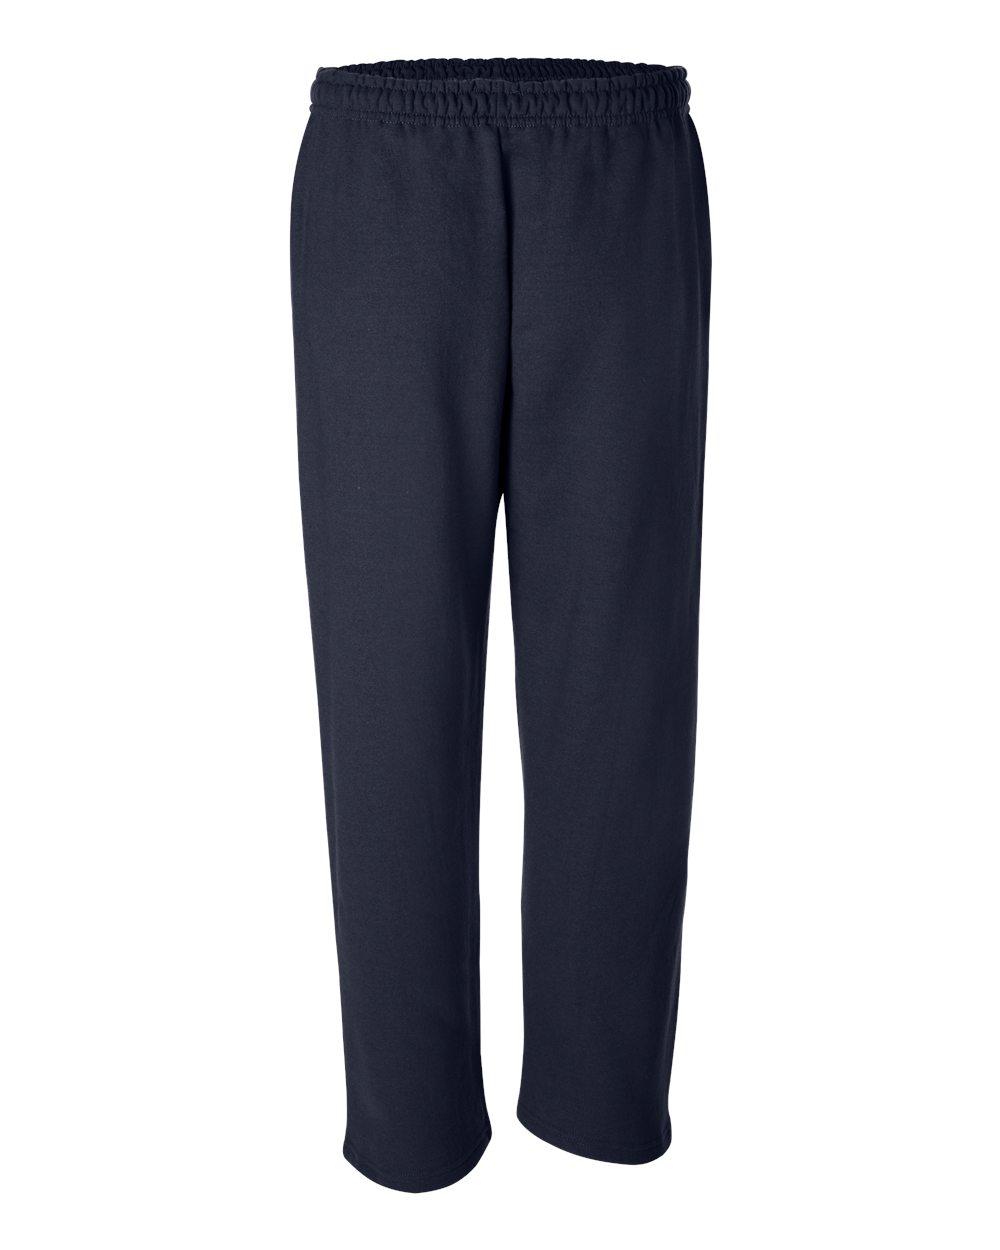 Gildan-Mens-DryBlend-Open-Bottom-Pocket-Sweatpants-12300-up-to-2XL thumbnail 13